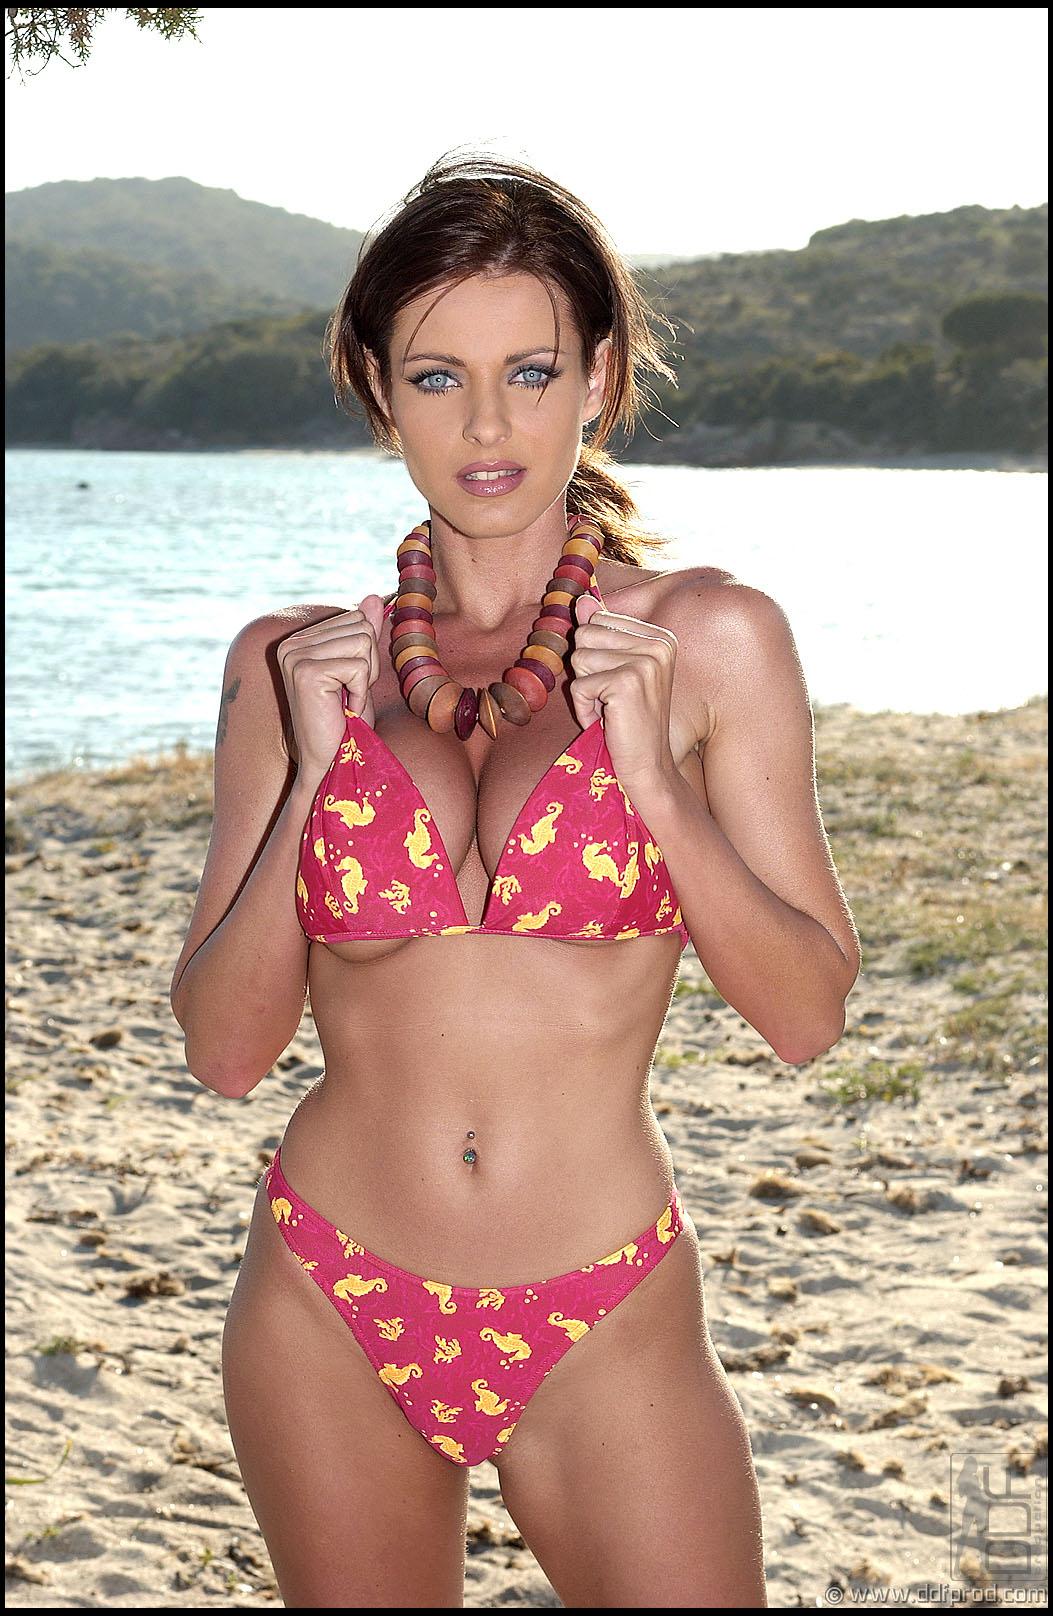 Tereza Dvorakova in a bikini